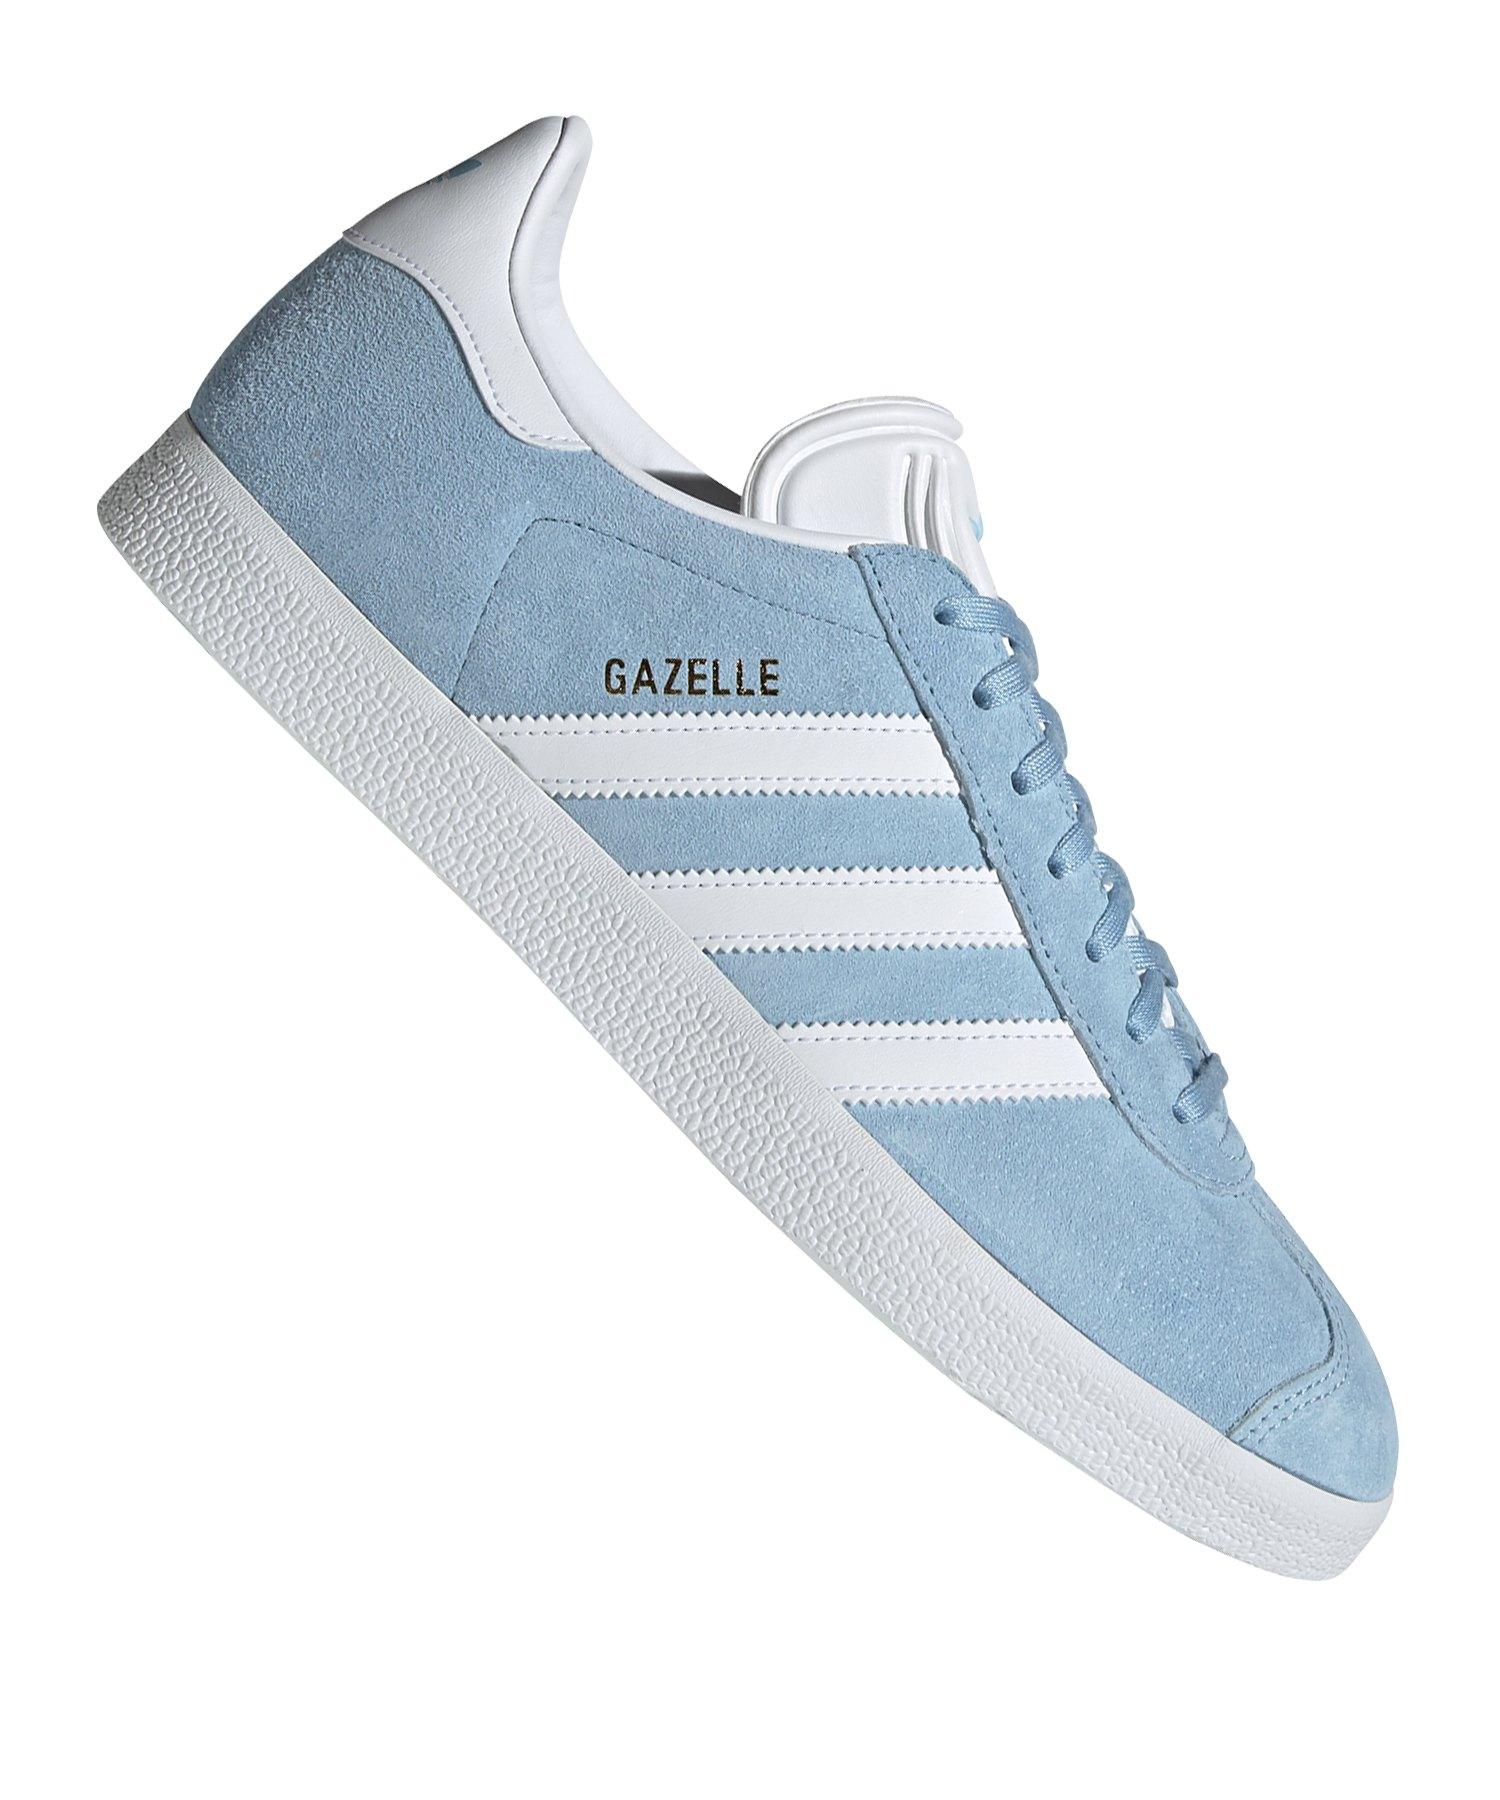 Adidas Originals Gazelle Schwarz Gum Schuhe Für Herren